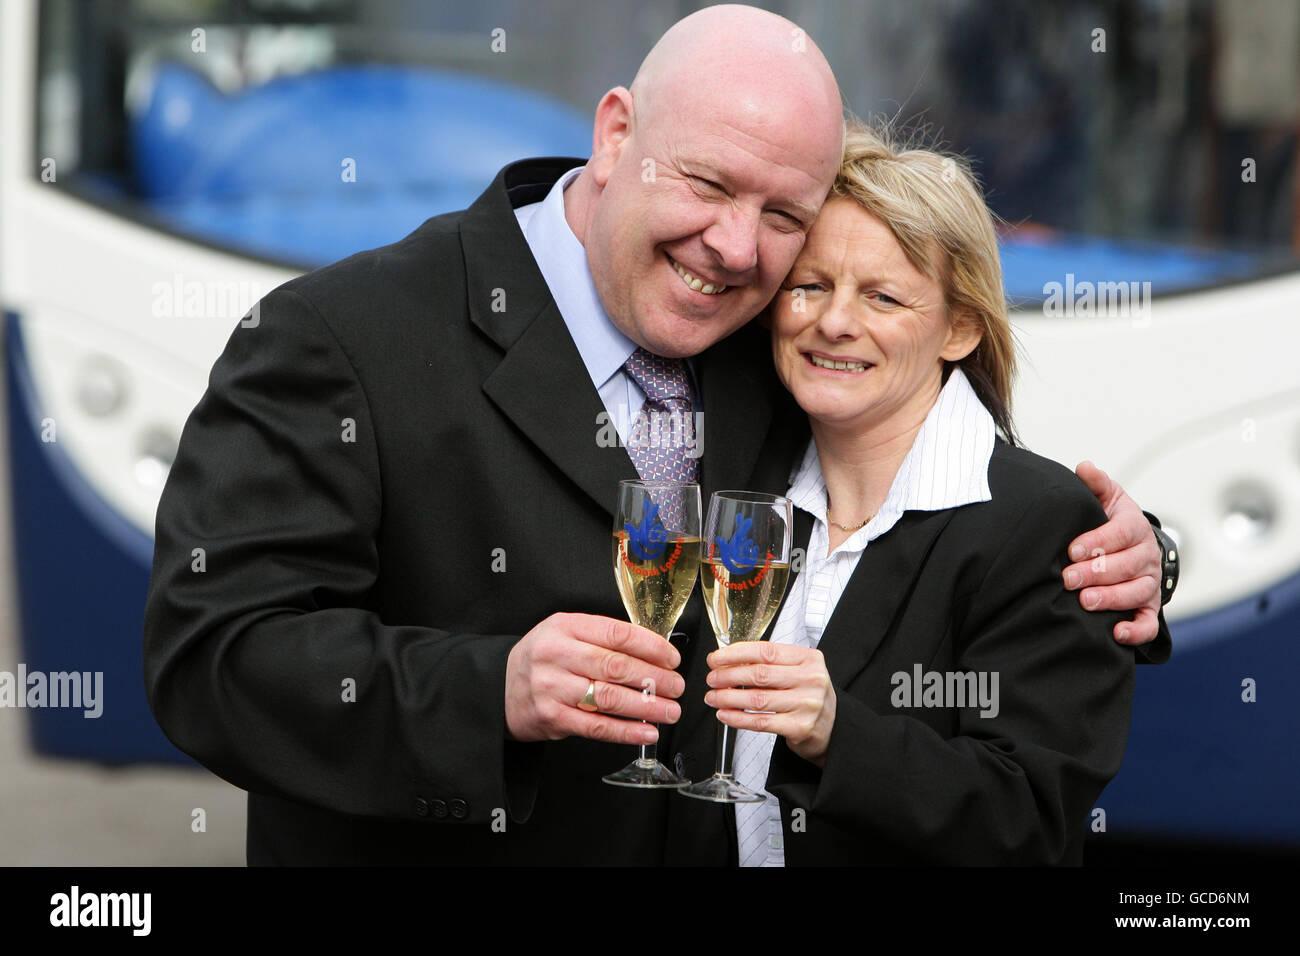 L'autista dell'autobus Kevin Halstead e il suo partner Josephine Jones al Shaw Hill Golf and Country Club di Chorley, Lancashire, dopo che Kevin ha vinto 2,302,668 nella Lotteria Nazionale lo scorso sabato. Foto Stock